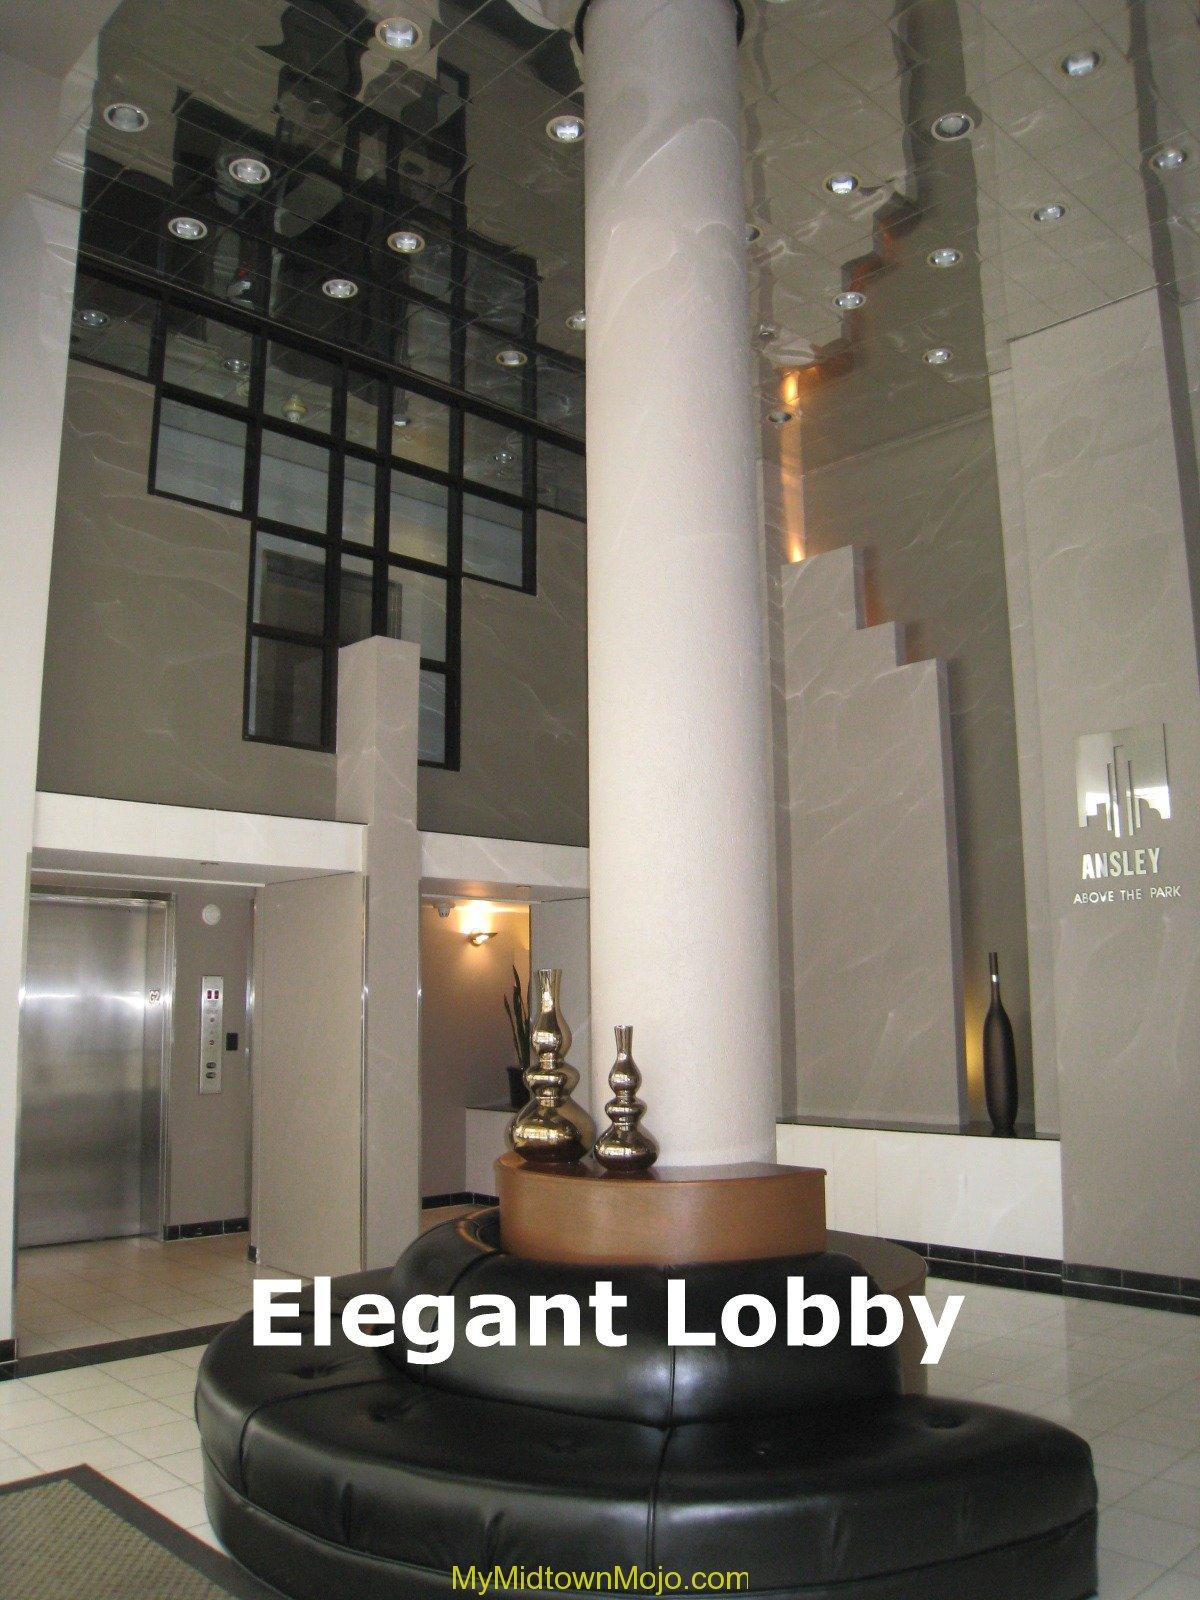 Ansley Above The Park Lobby